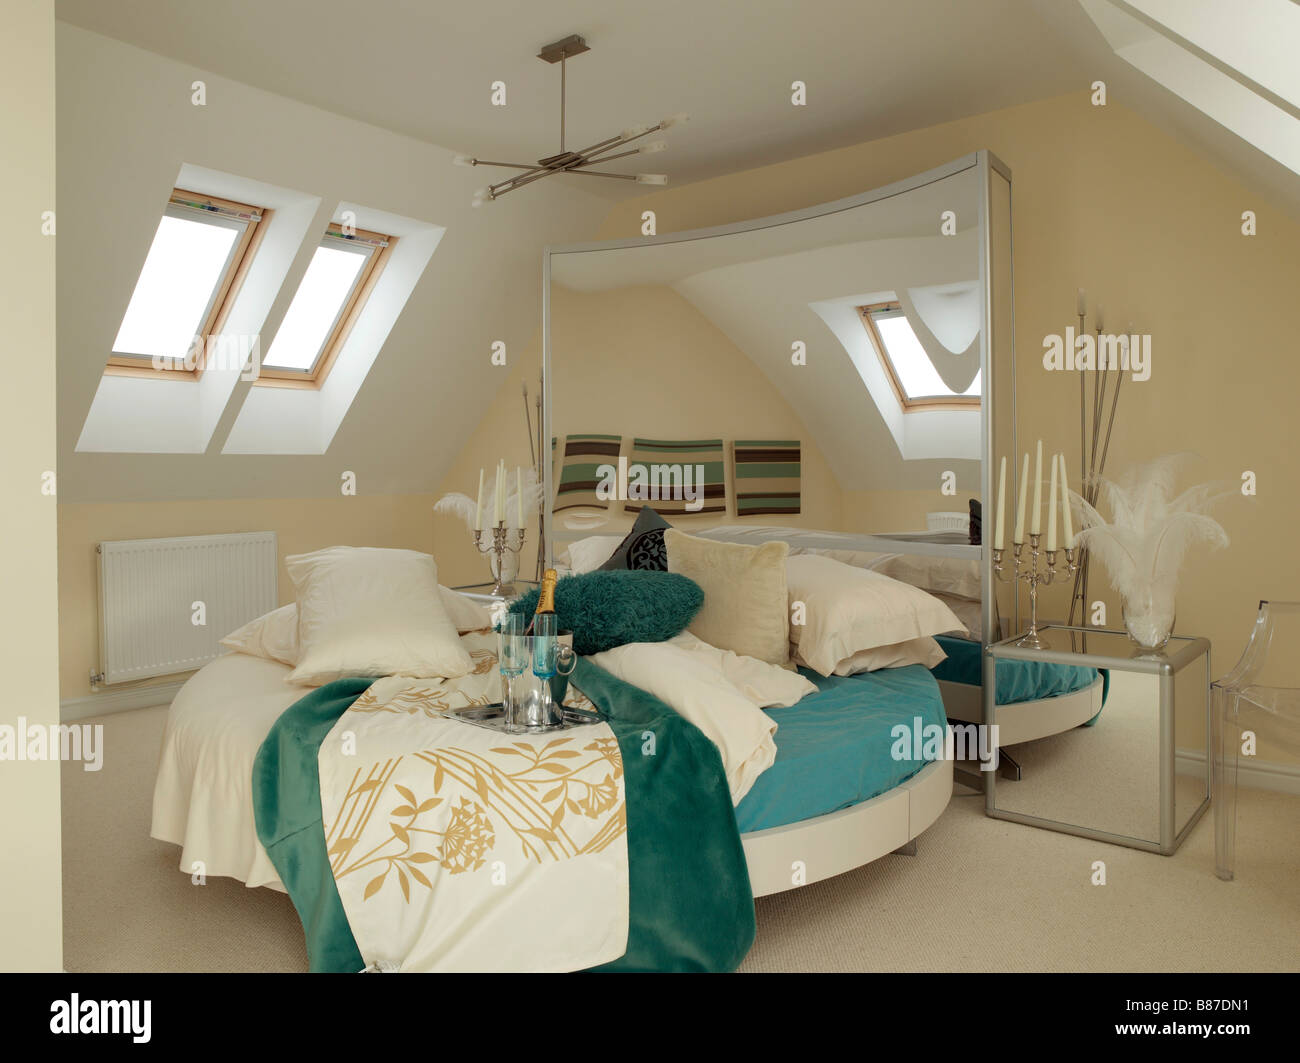 Schlafzimmer Mit Rundbett Tag Und Velux Fenster In Blau Und Creme